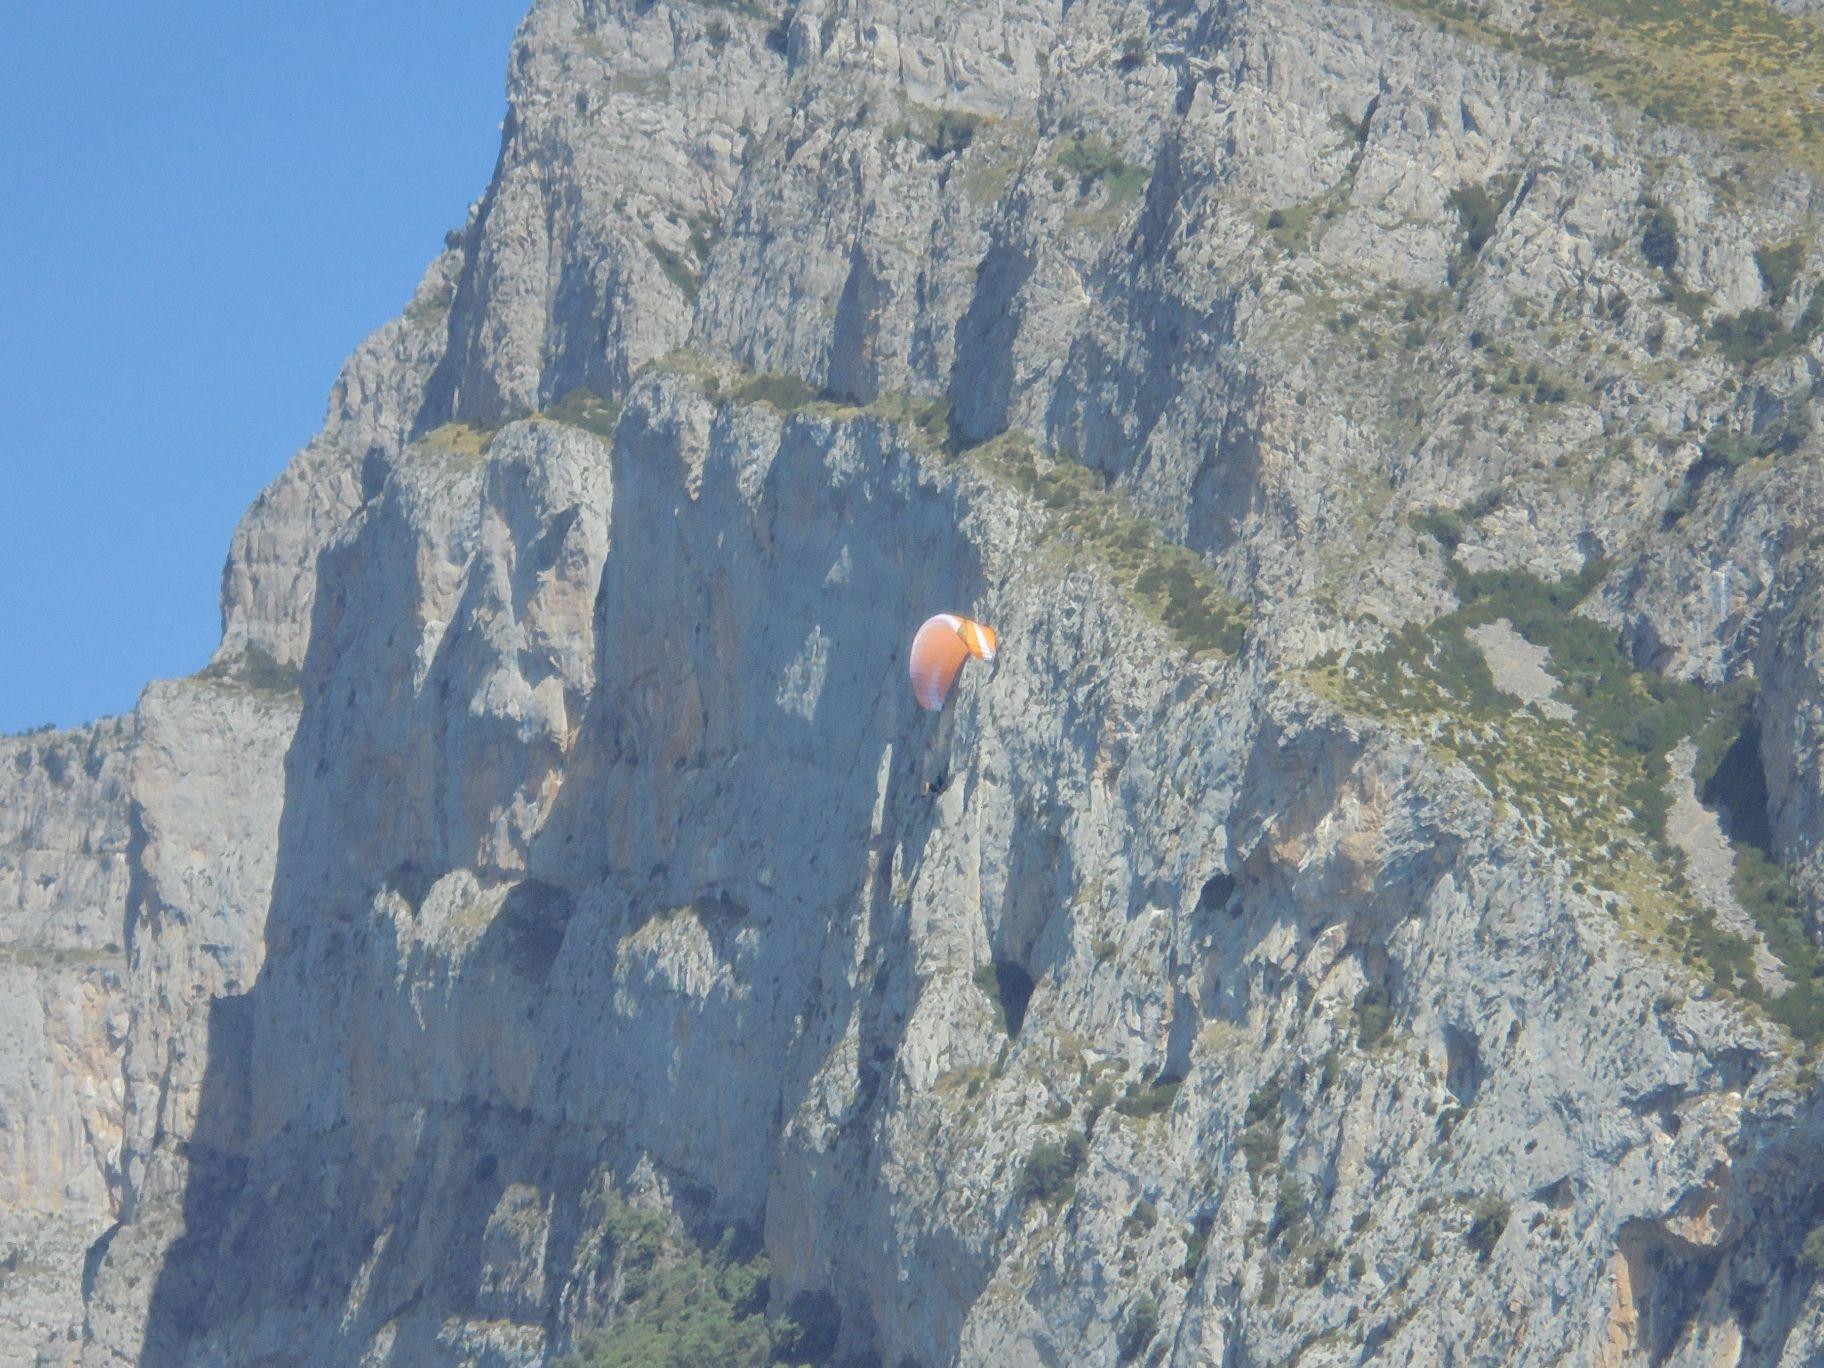 #Pirineos #Pirineo #Ordesa #Monte #Perdido #Huesca #Aragón #Peña #Montañesa #Montaña #Oncins #Laspuña #Javier #Garcia-Verdugo #Sanchez #Valdemoro #Parapente